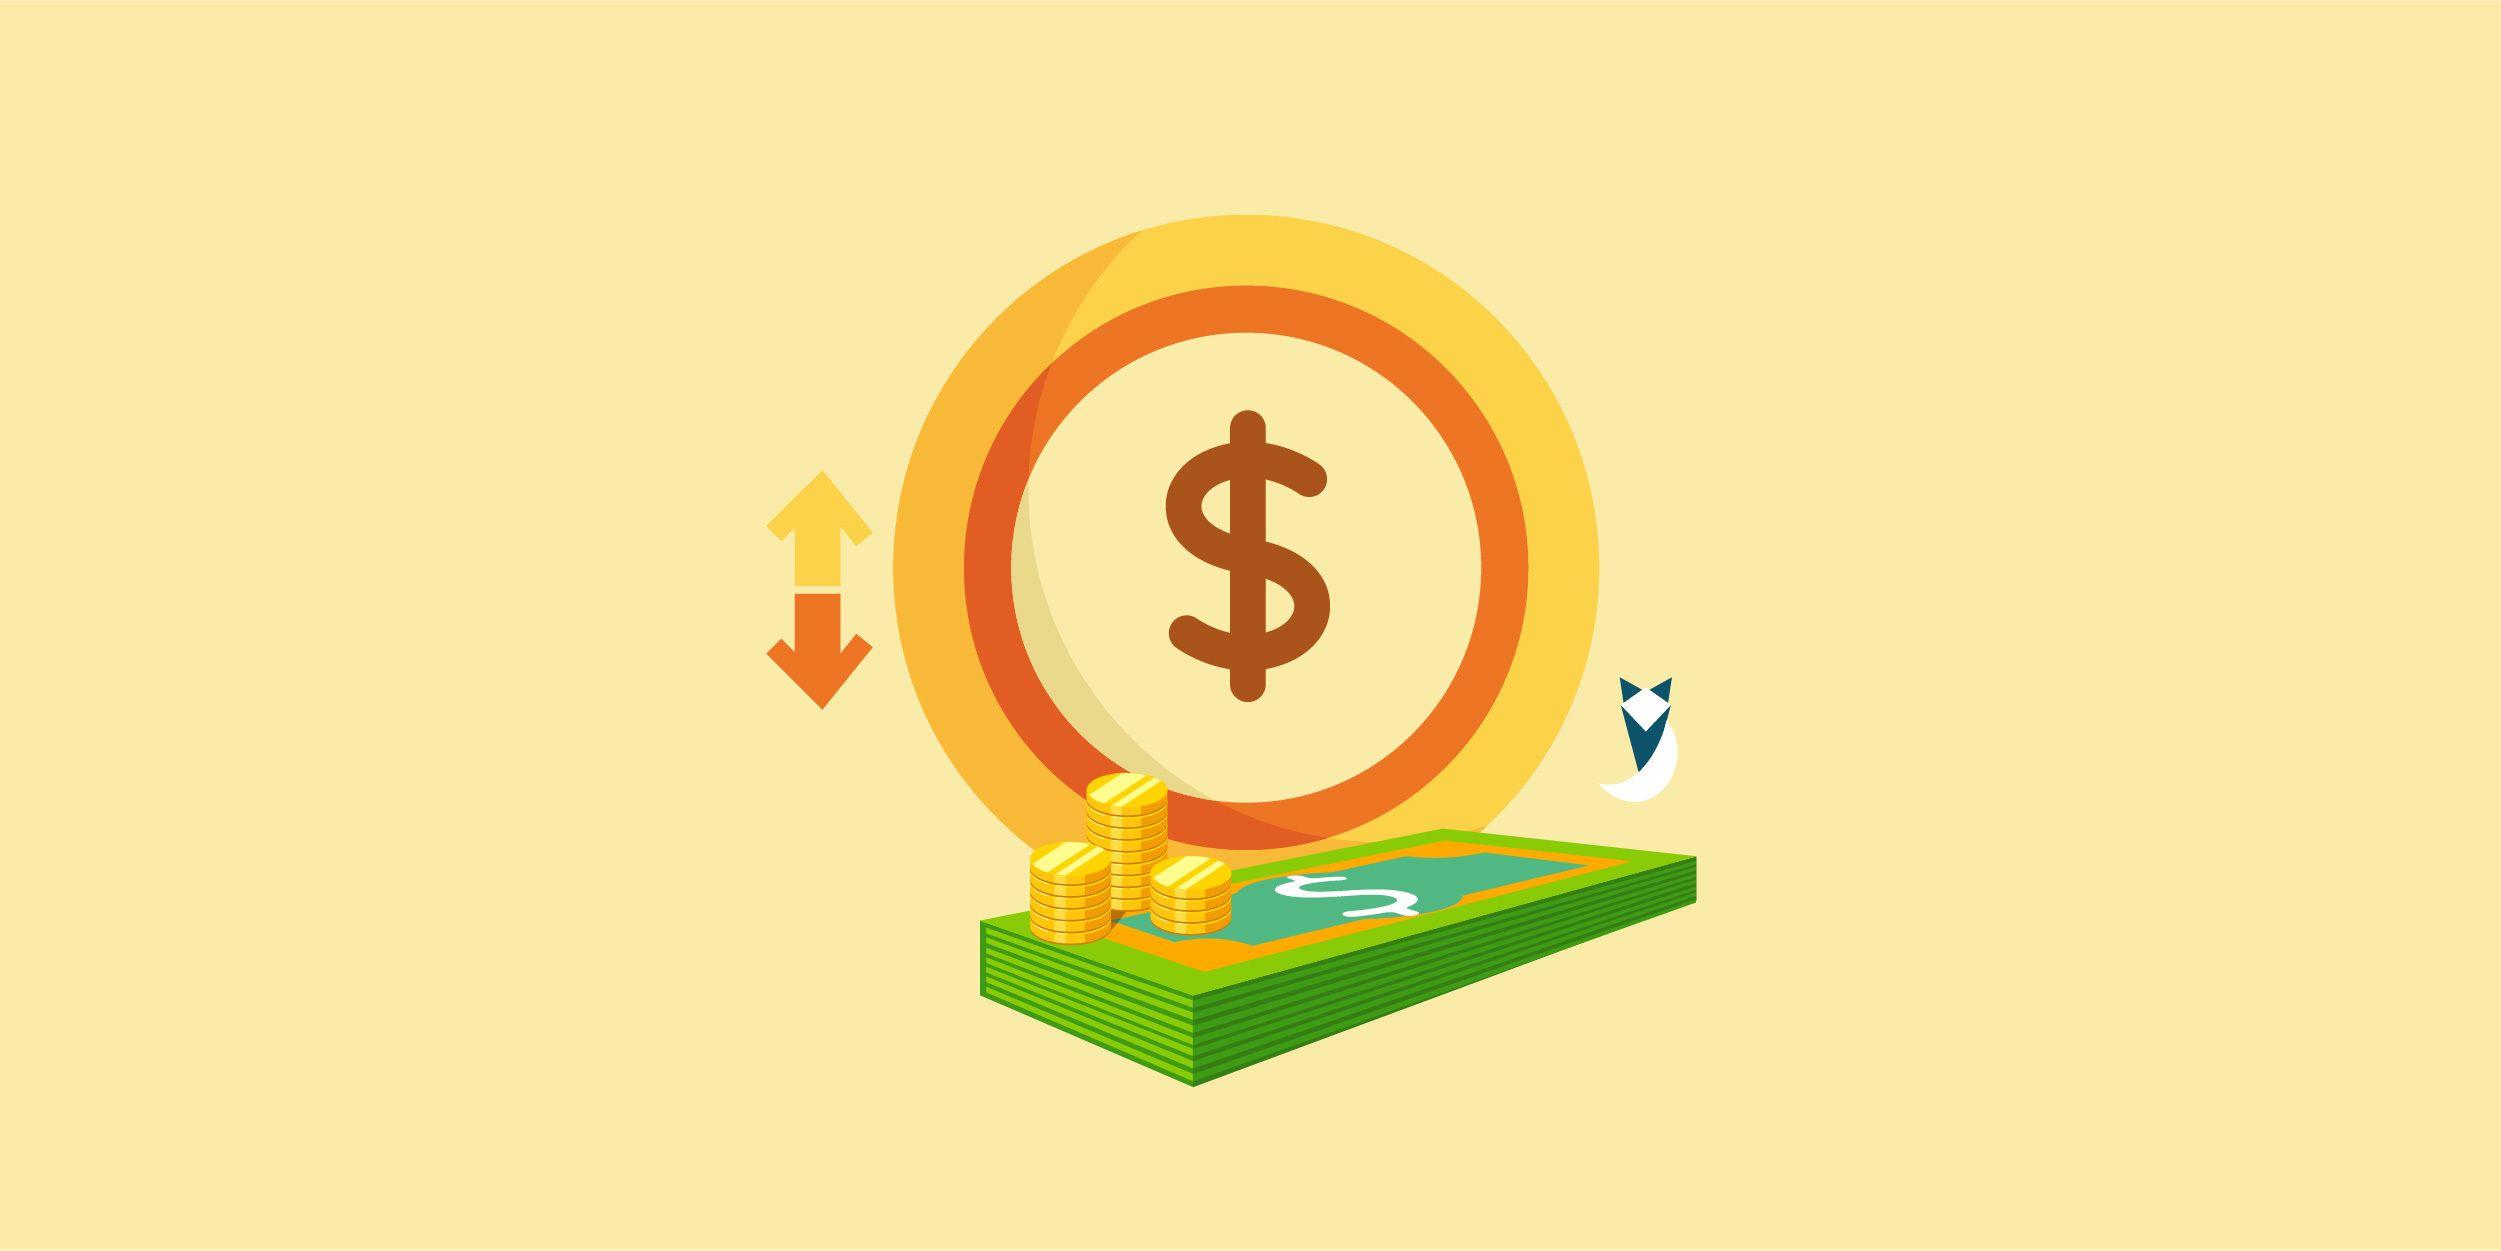 سعر الدولار في البنوك المصرية اليوم 25 مايو 2021